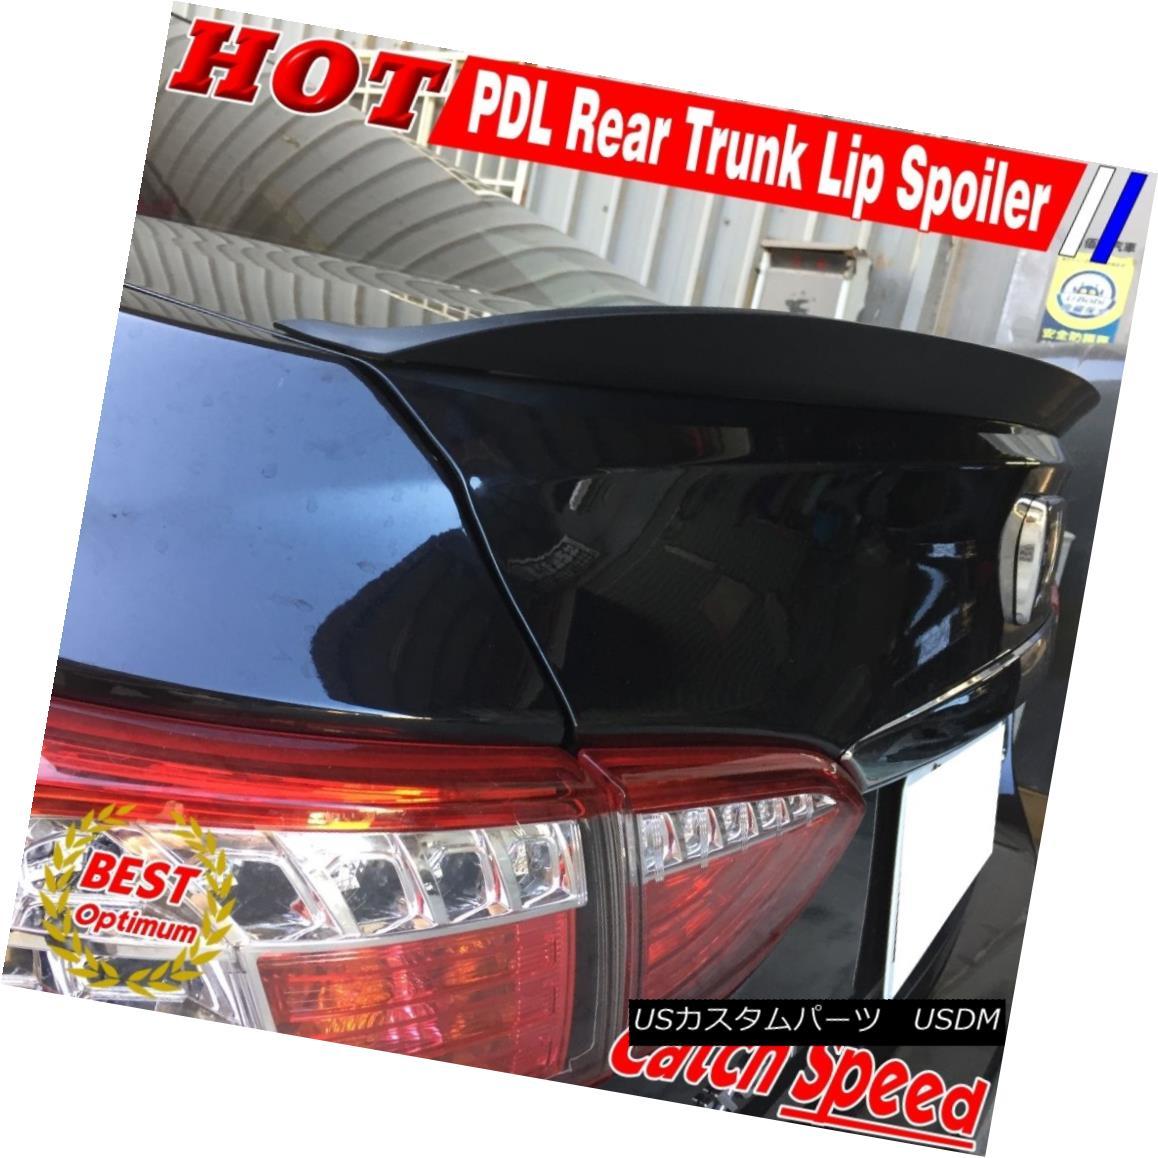 エアロパーツ Painted P Style Rear Trunk Spoiler Wing For Honda Civic 2012~2015 US Coupe ホンダシビック用ペイントされたPスタイルのリアトランク・スポイラー・ウィング2012?2015 USクーペ